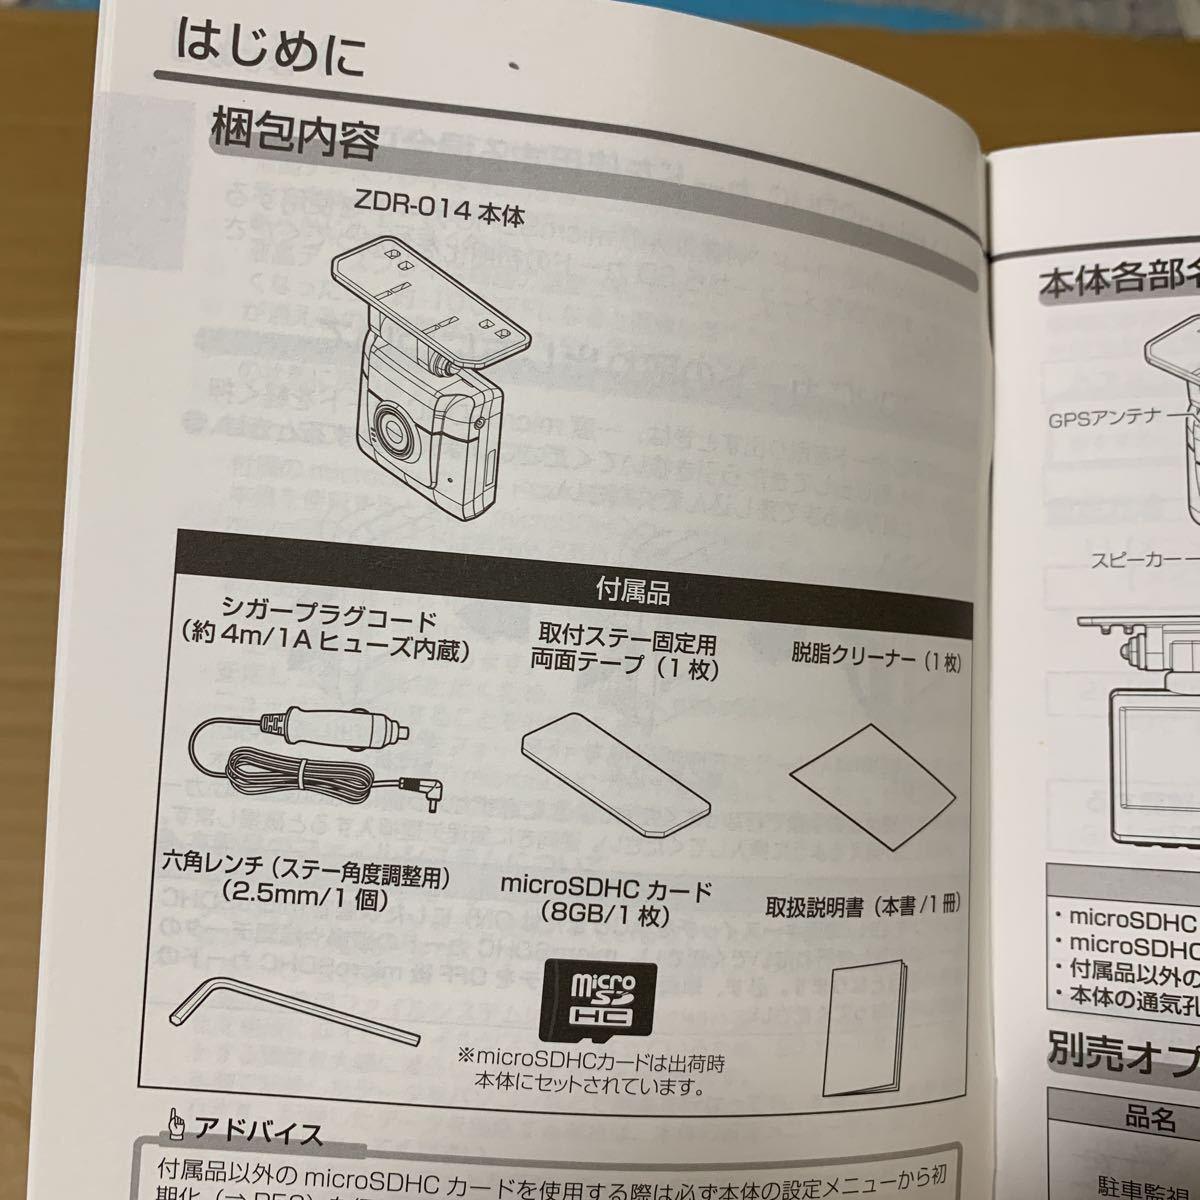 【ドラレコ】美品!中古 コムテックGPS搭載 高性能ドライブレコーダー ZDR-014 _画像6